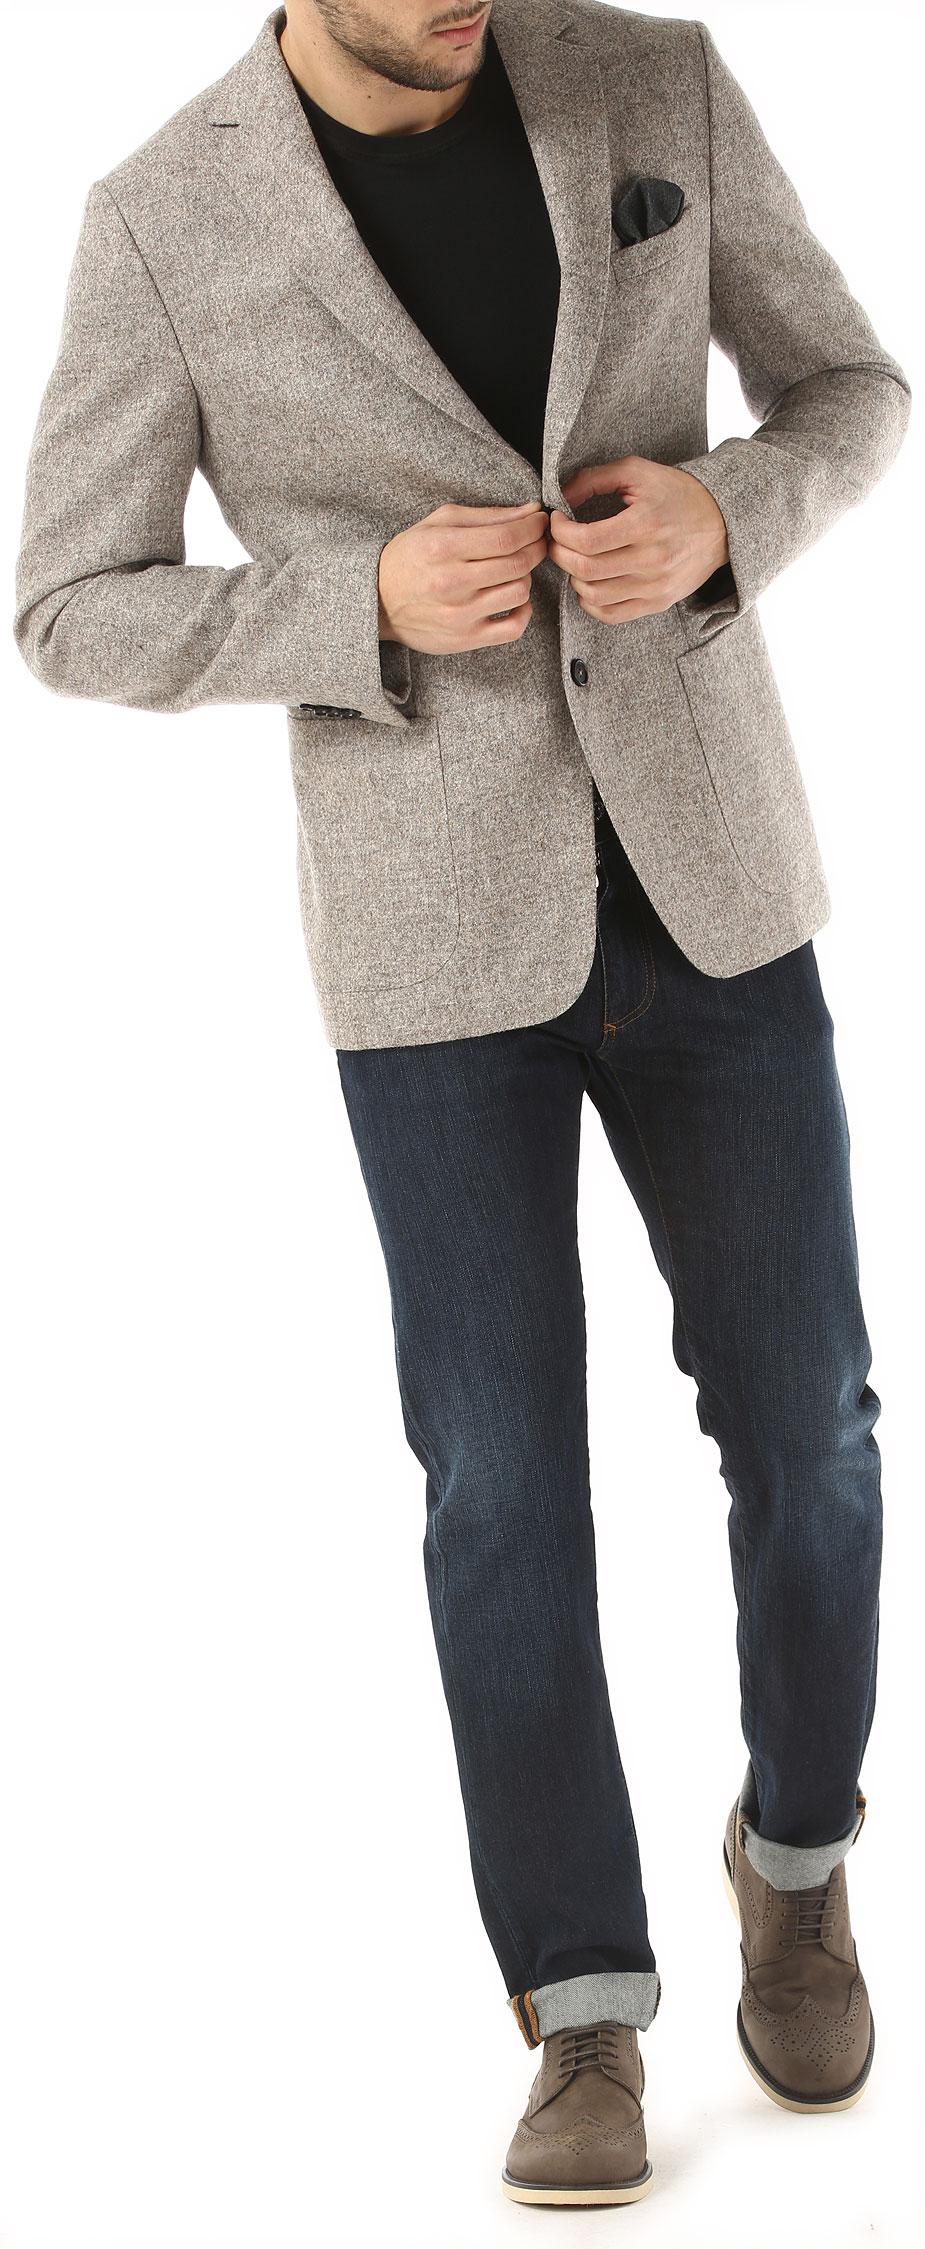 Abbigliamento Uomo Ermenegildo Zegna, Codice Articolo: 844755-1vd3g0-natural